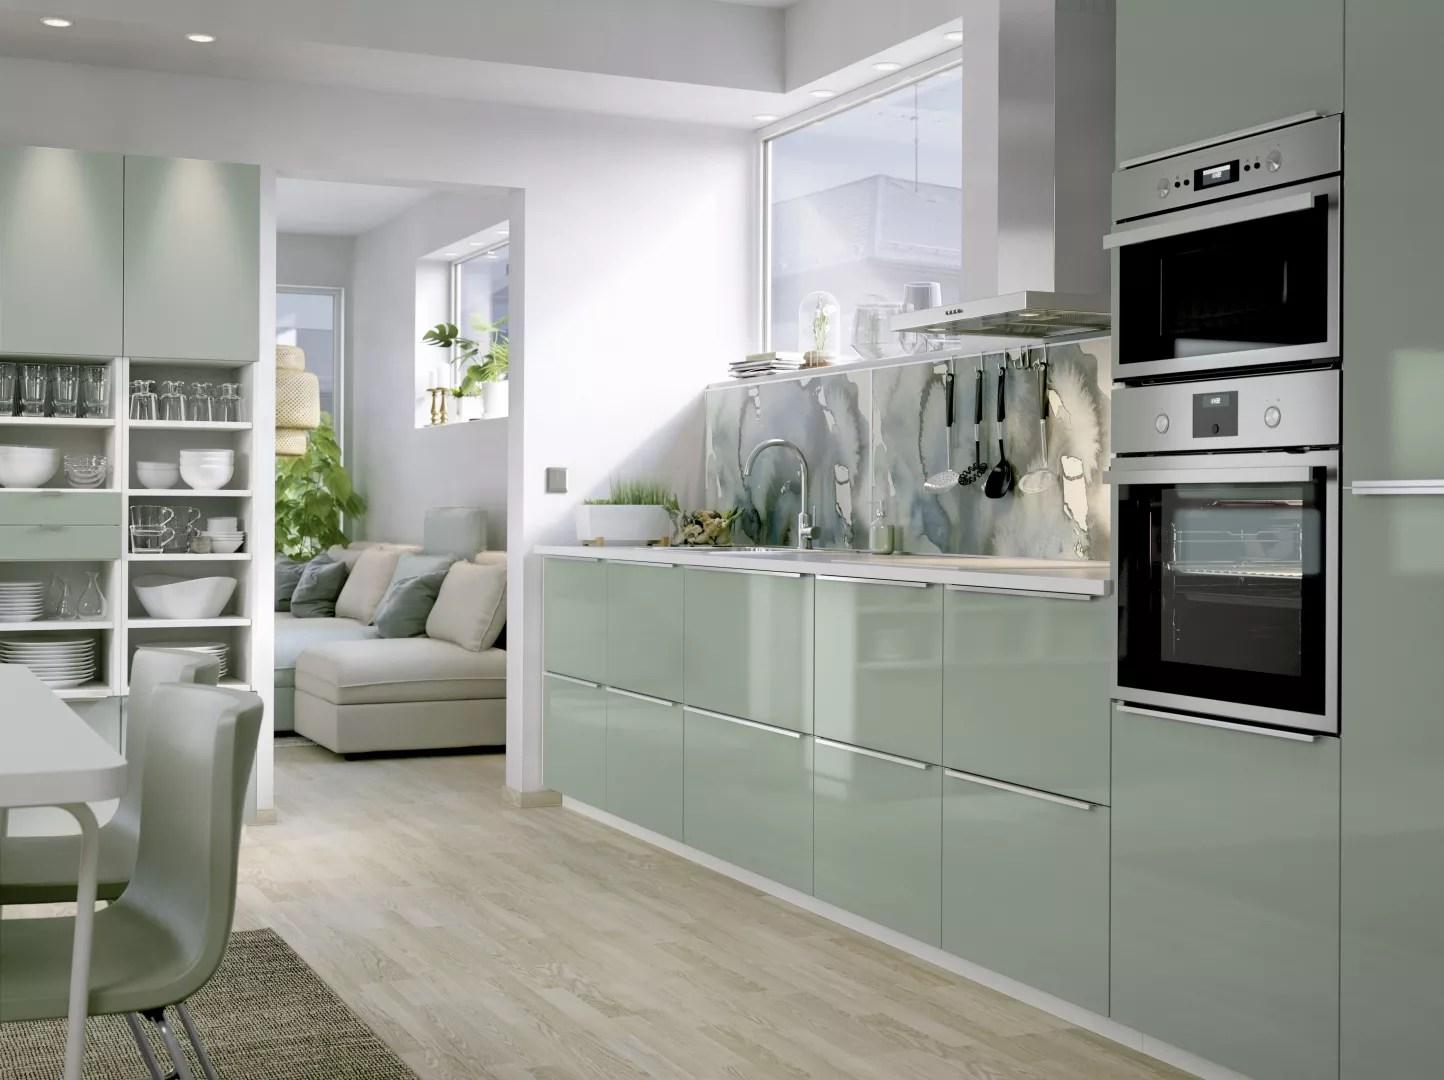 Diy Keuken Ikea : Interieur ikea lanceert design keuken met karakter u stijlvol